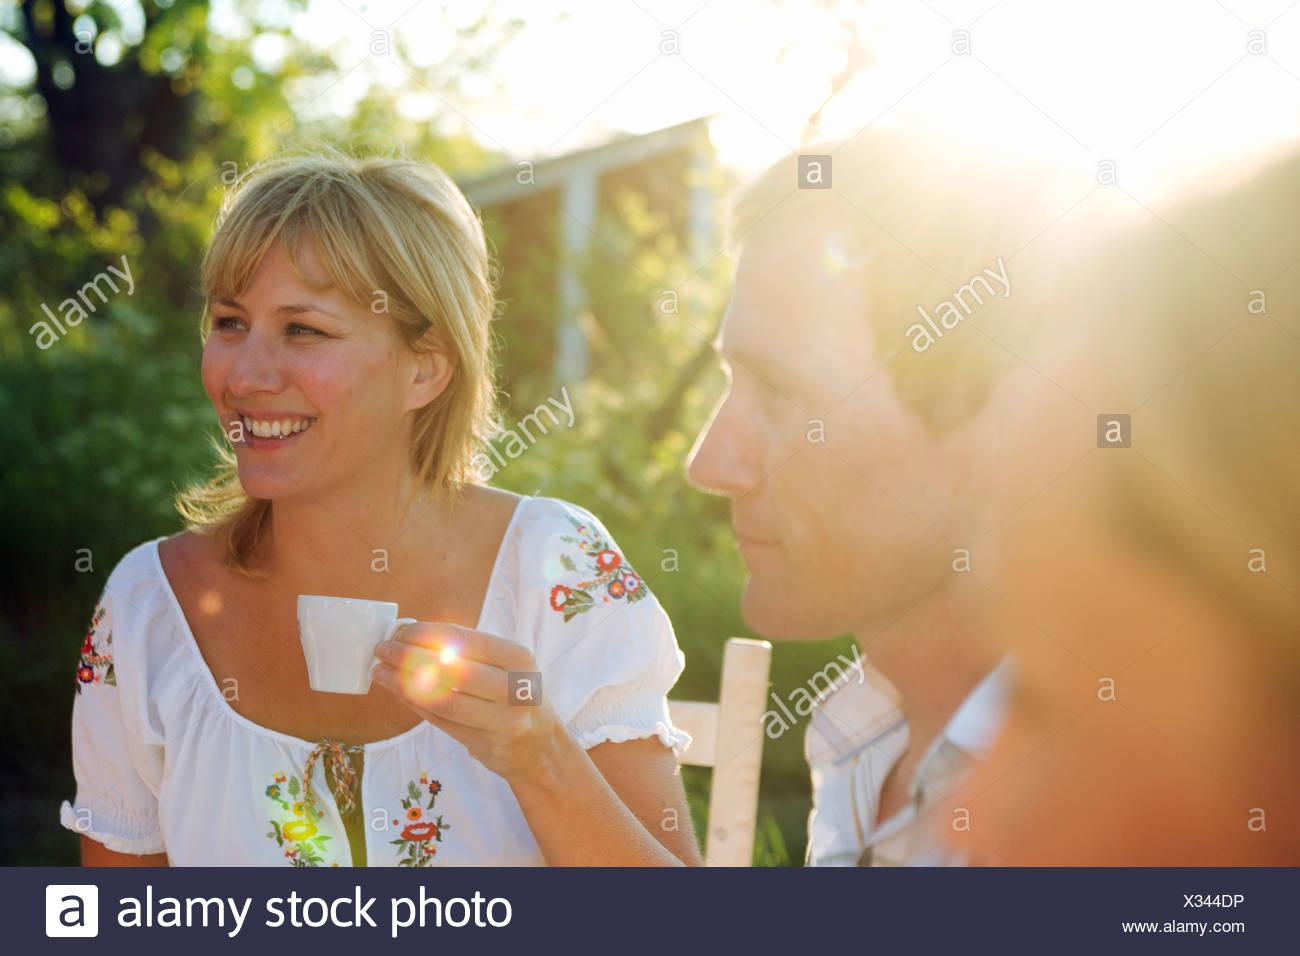 Una mujer sosteniendo una taza de café, Fejan, archipiélago de Estocolmo, Suecia. Foto de stock